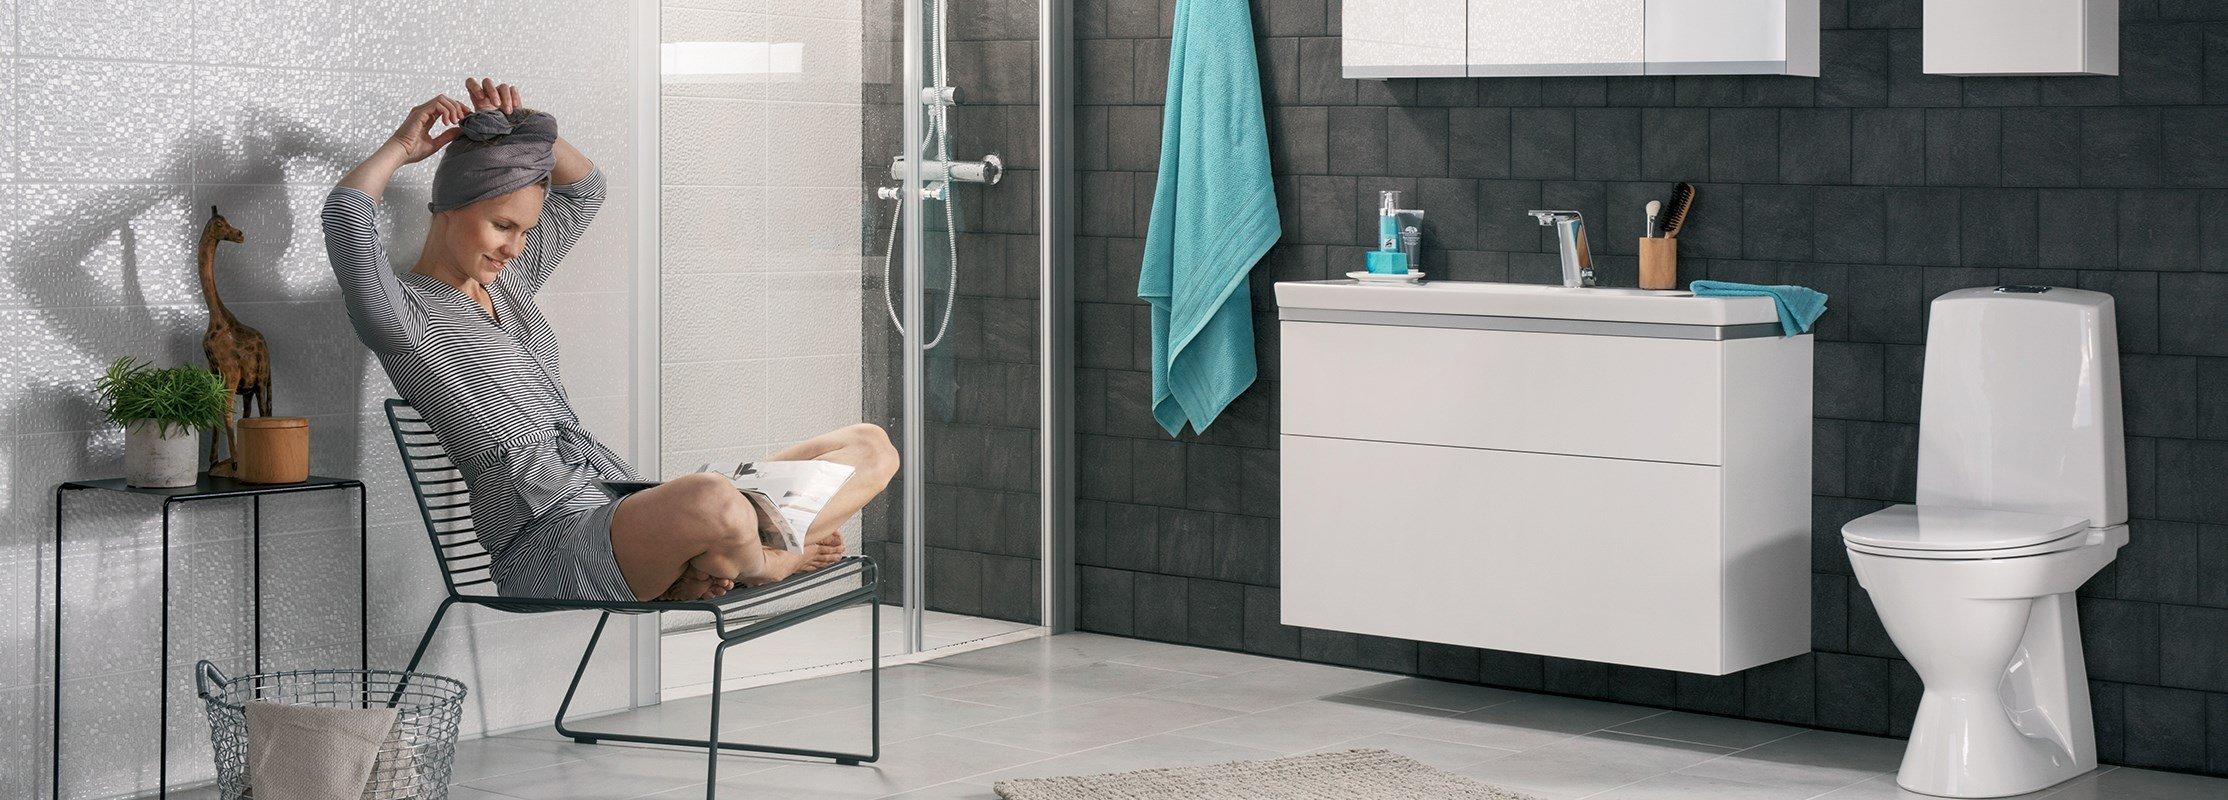 IDO Badrum - Köp IDO toalett, tvättställ och dusch | Bygghemma.se